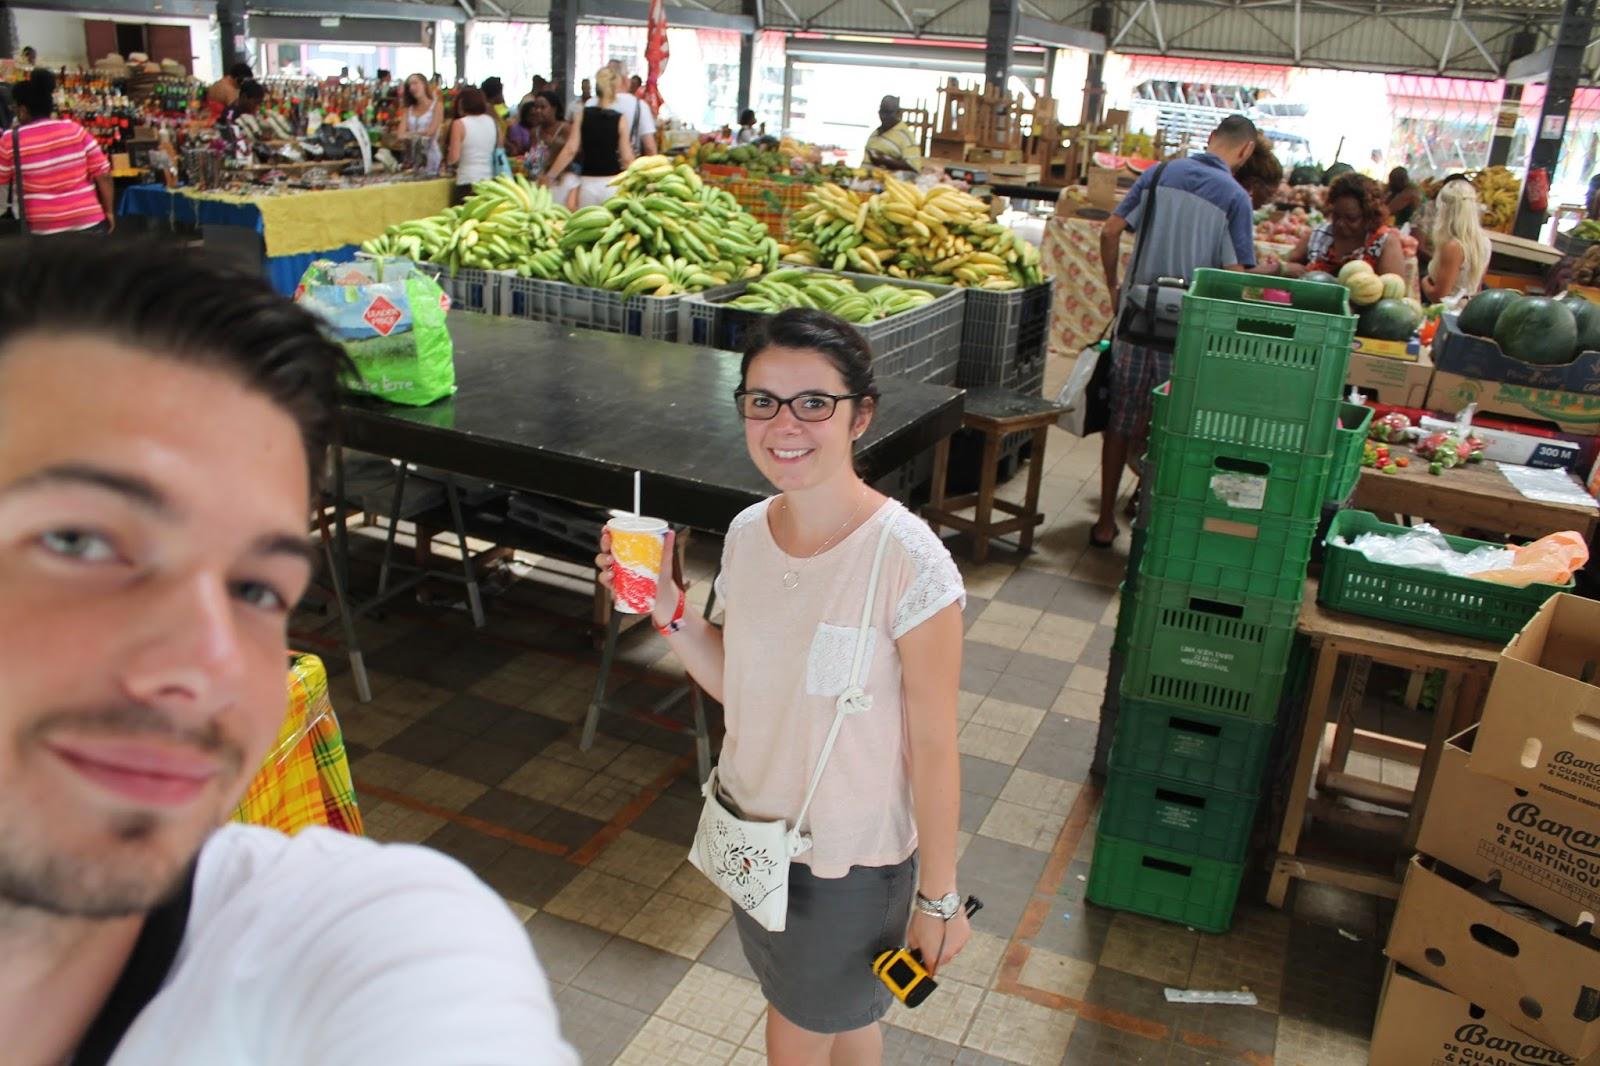 voyage martinique 972 île caraibes vacances holidays que faire semaine mer plage fort de france marché créole jus de canne